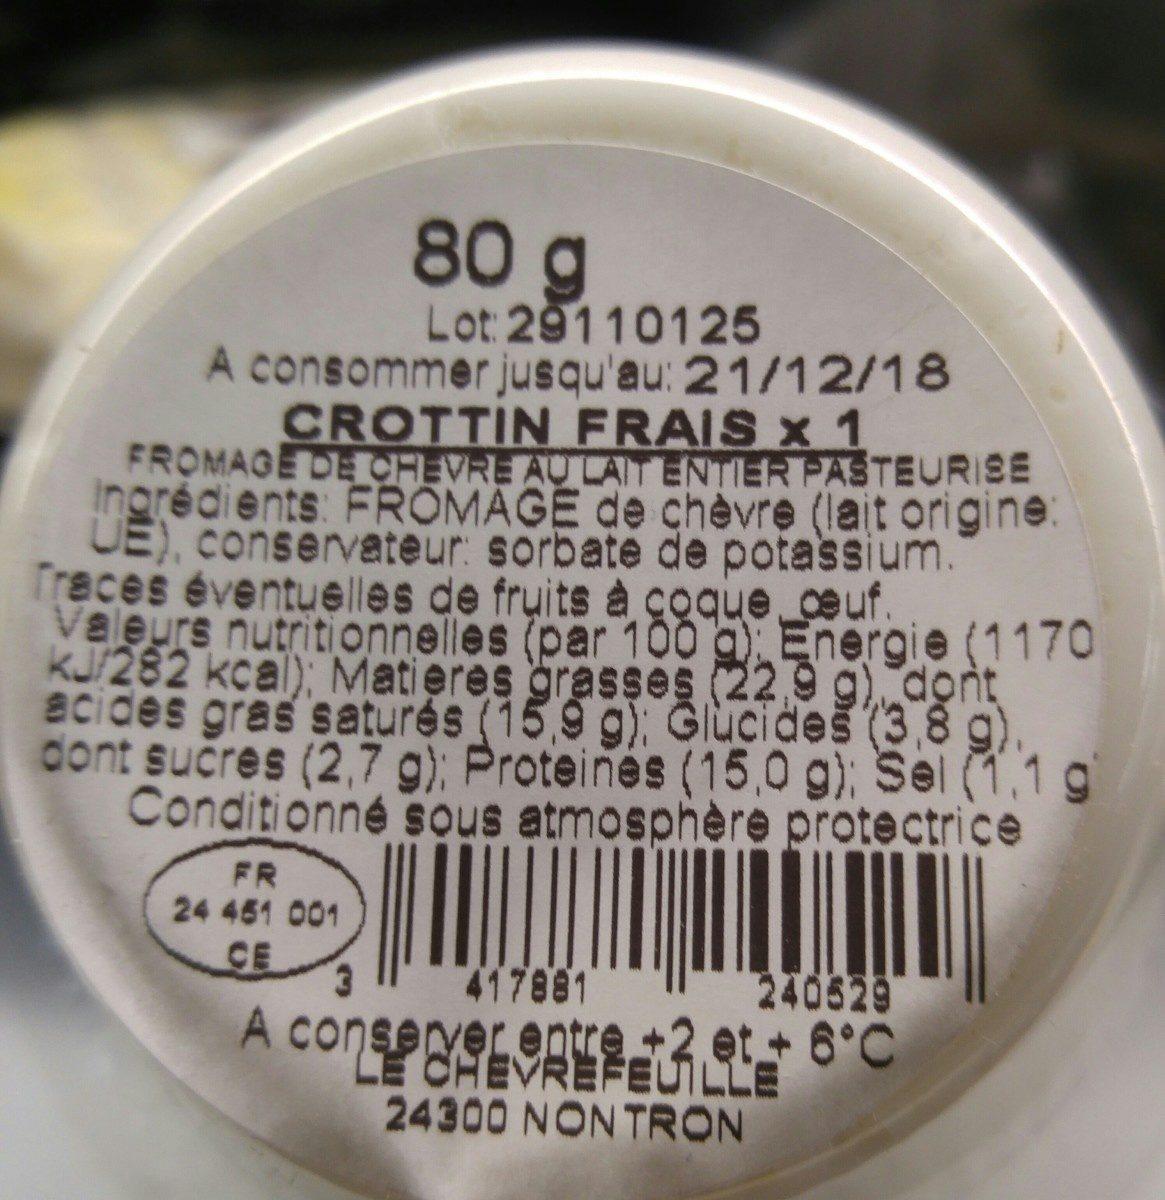 Crottin chèvre frais 80g F.E. - Ingrédients - fr